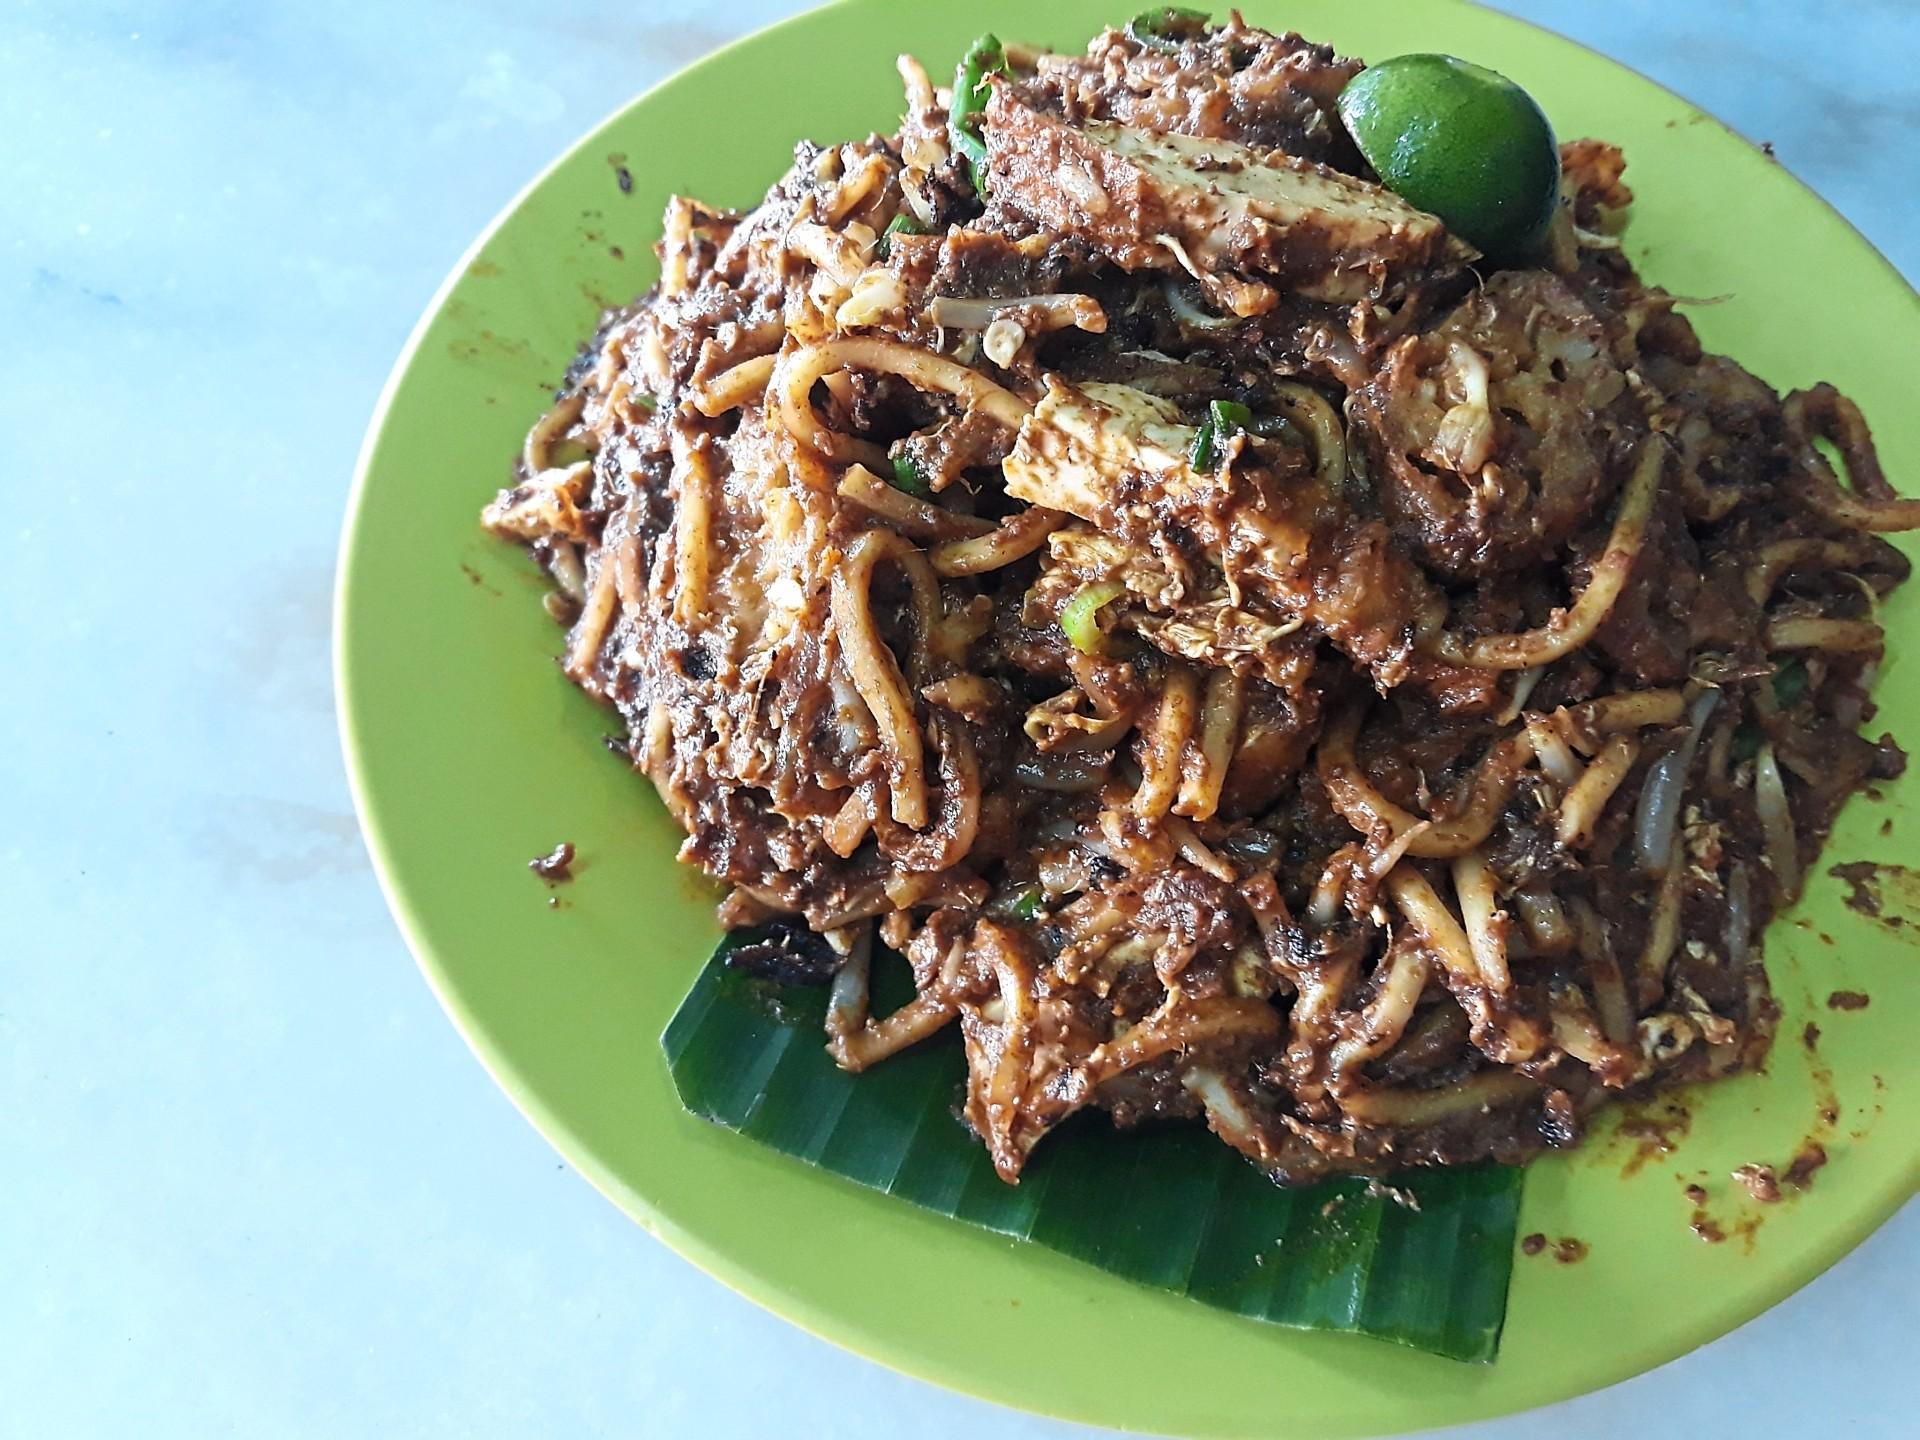 A serving of mee goreng mamak from Restoran Pasembor Hussin.